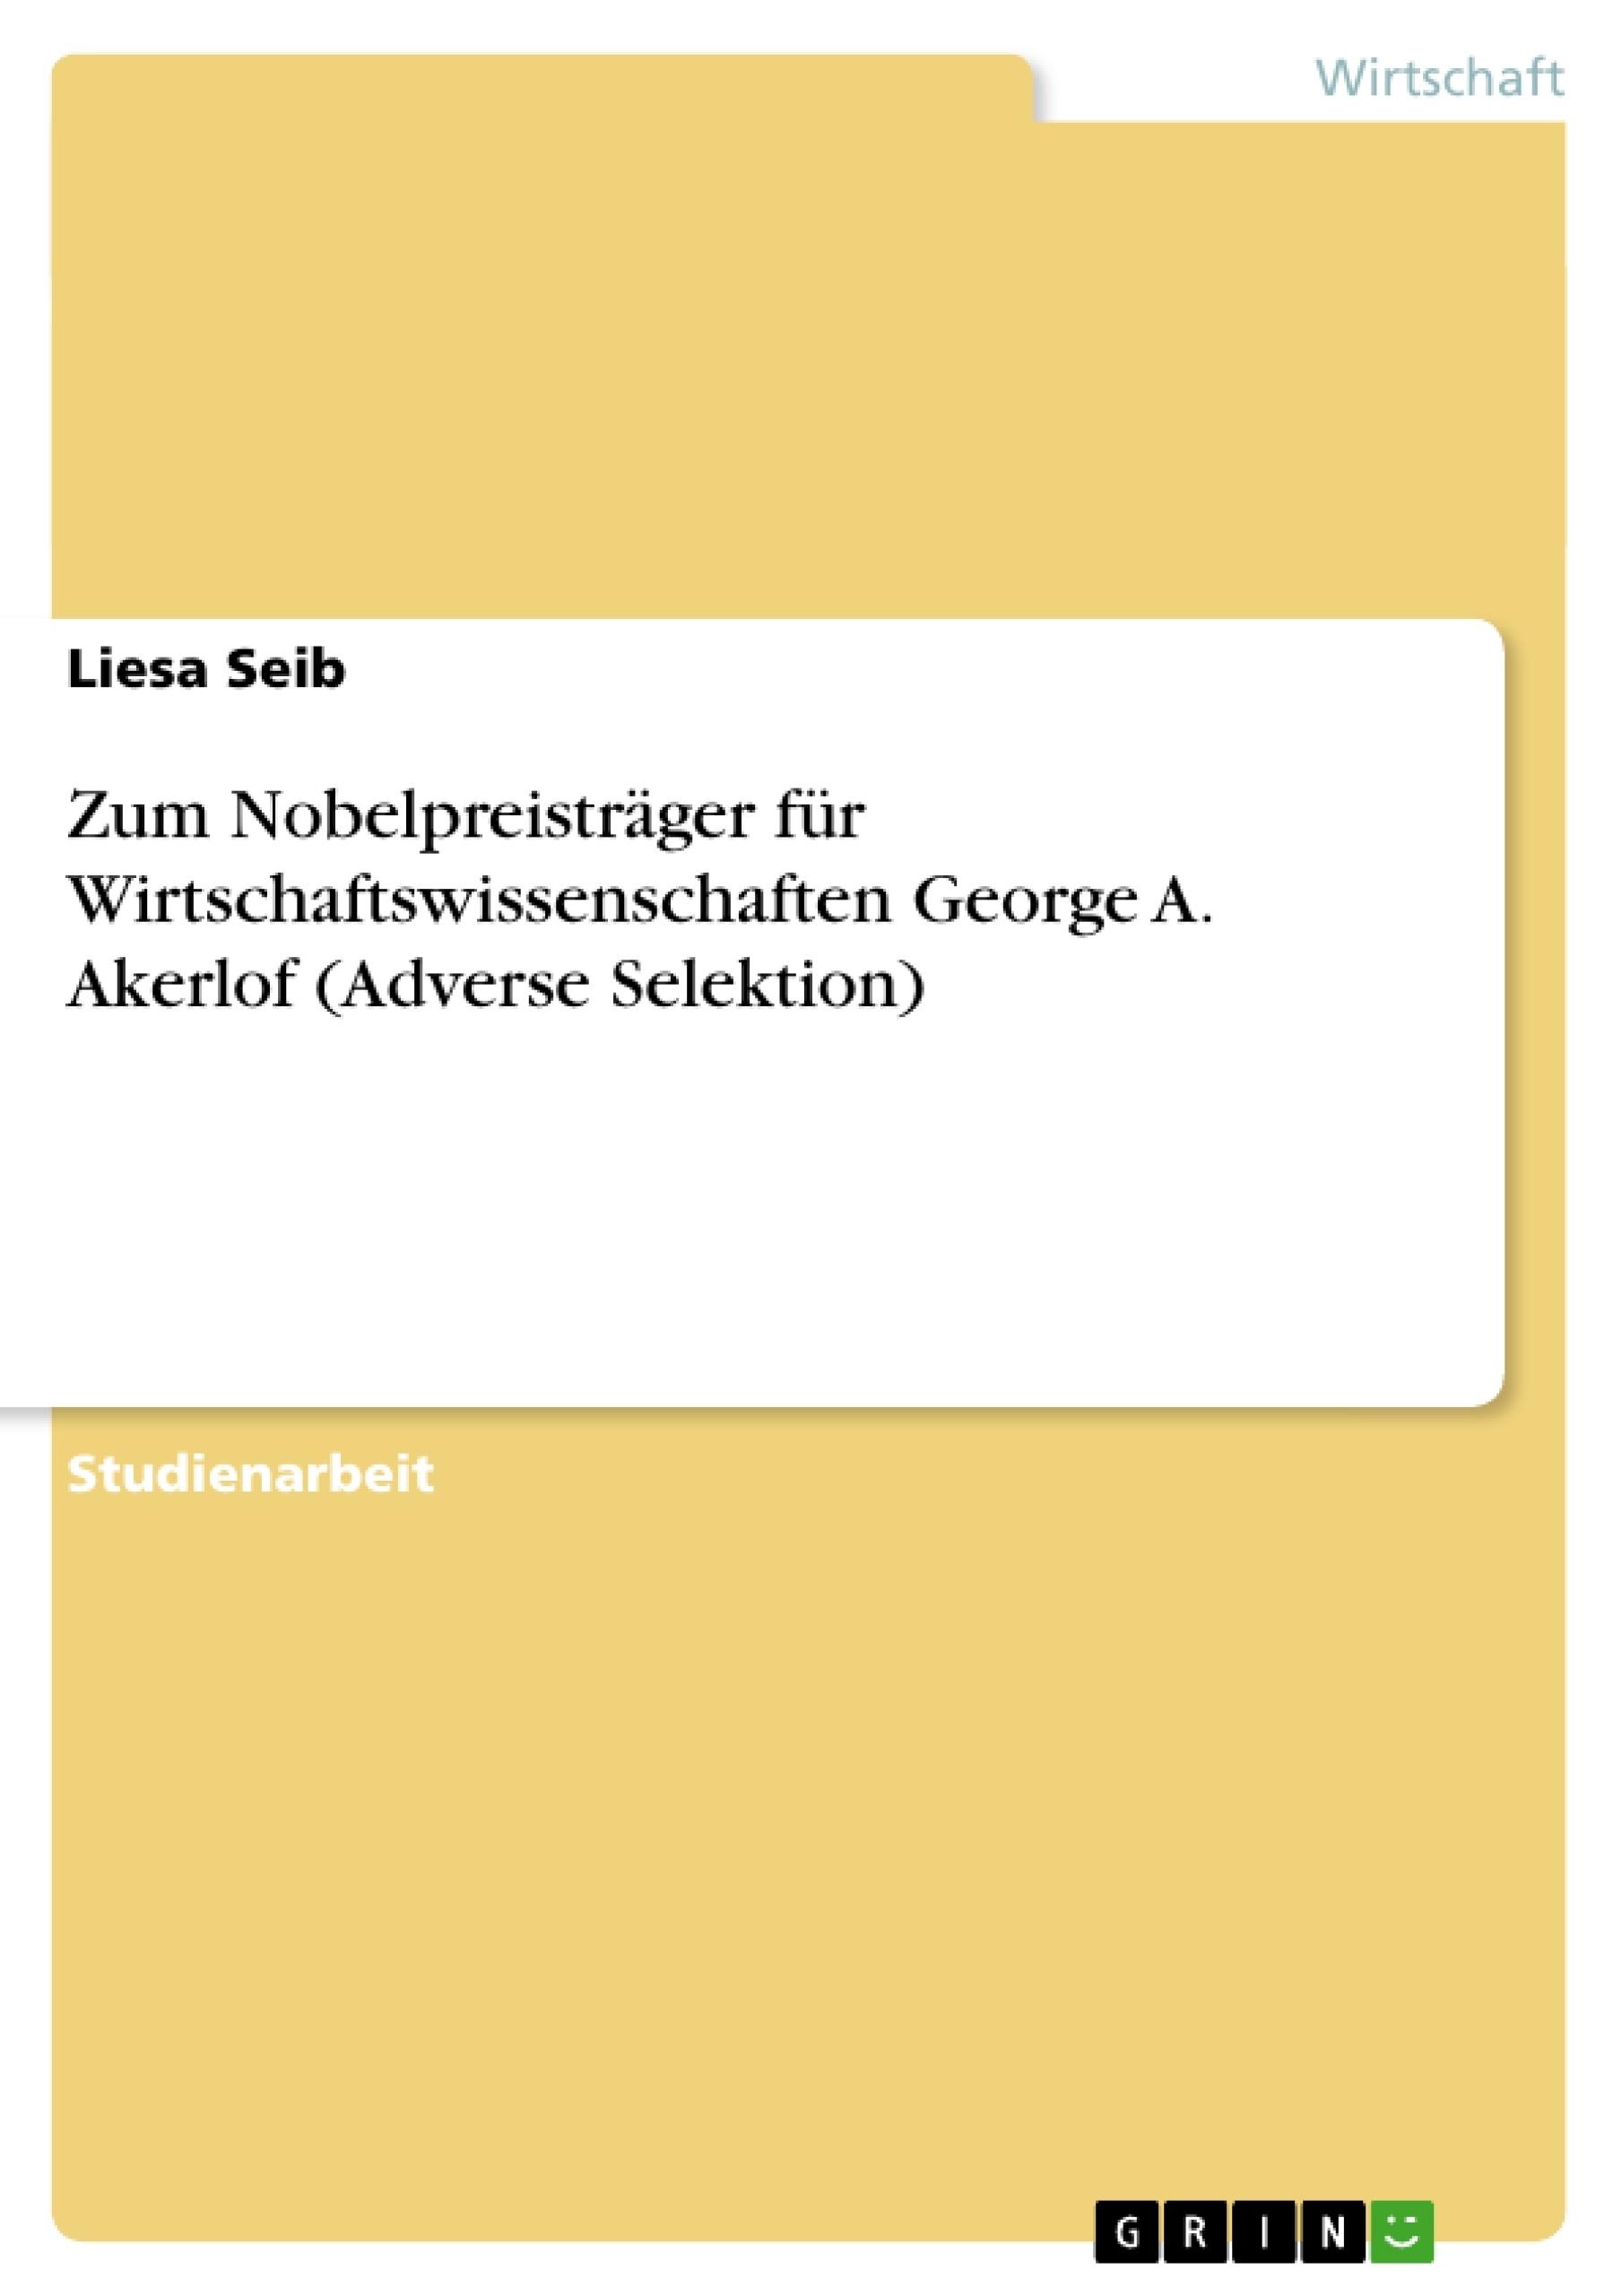 Titel: Zum Nobelpreisträger für Wirtschaftswissenschaften George A. Akerlof (Adverse Selektion)